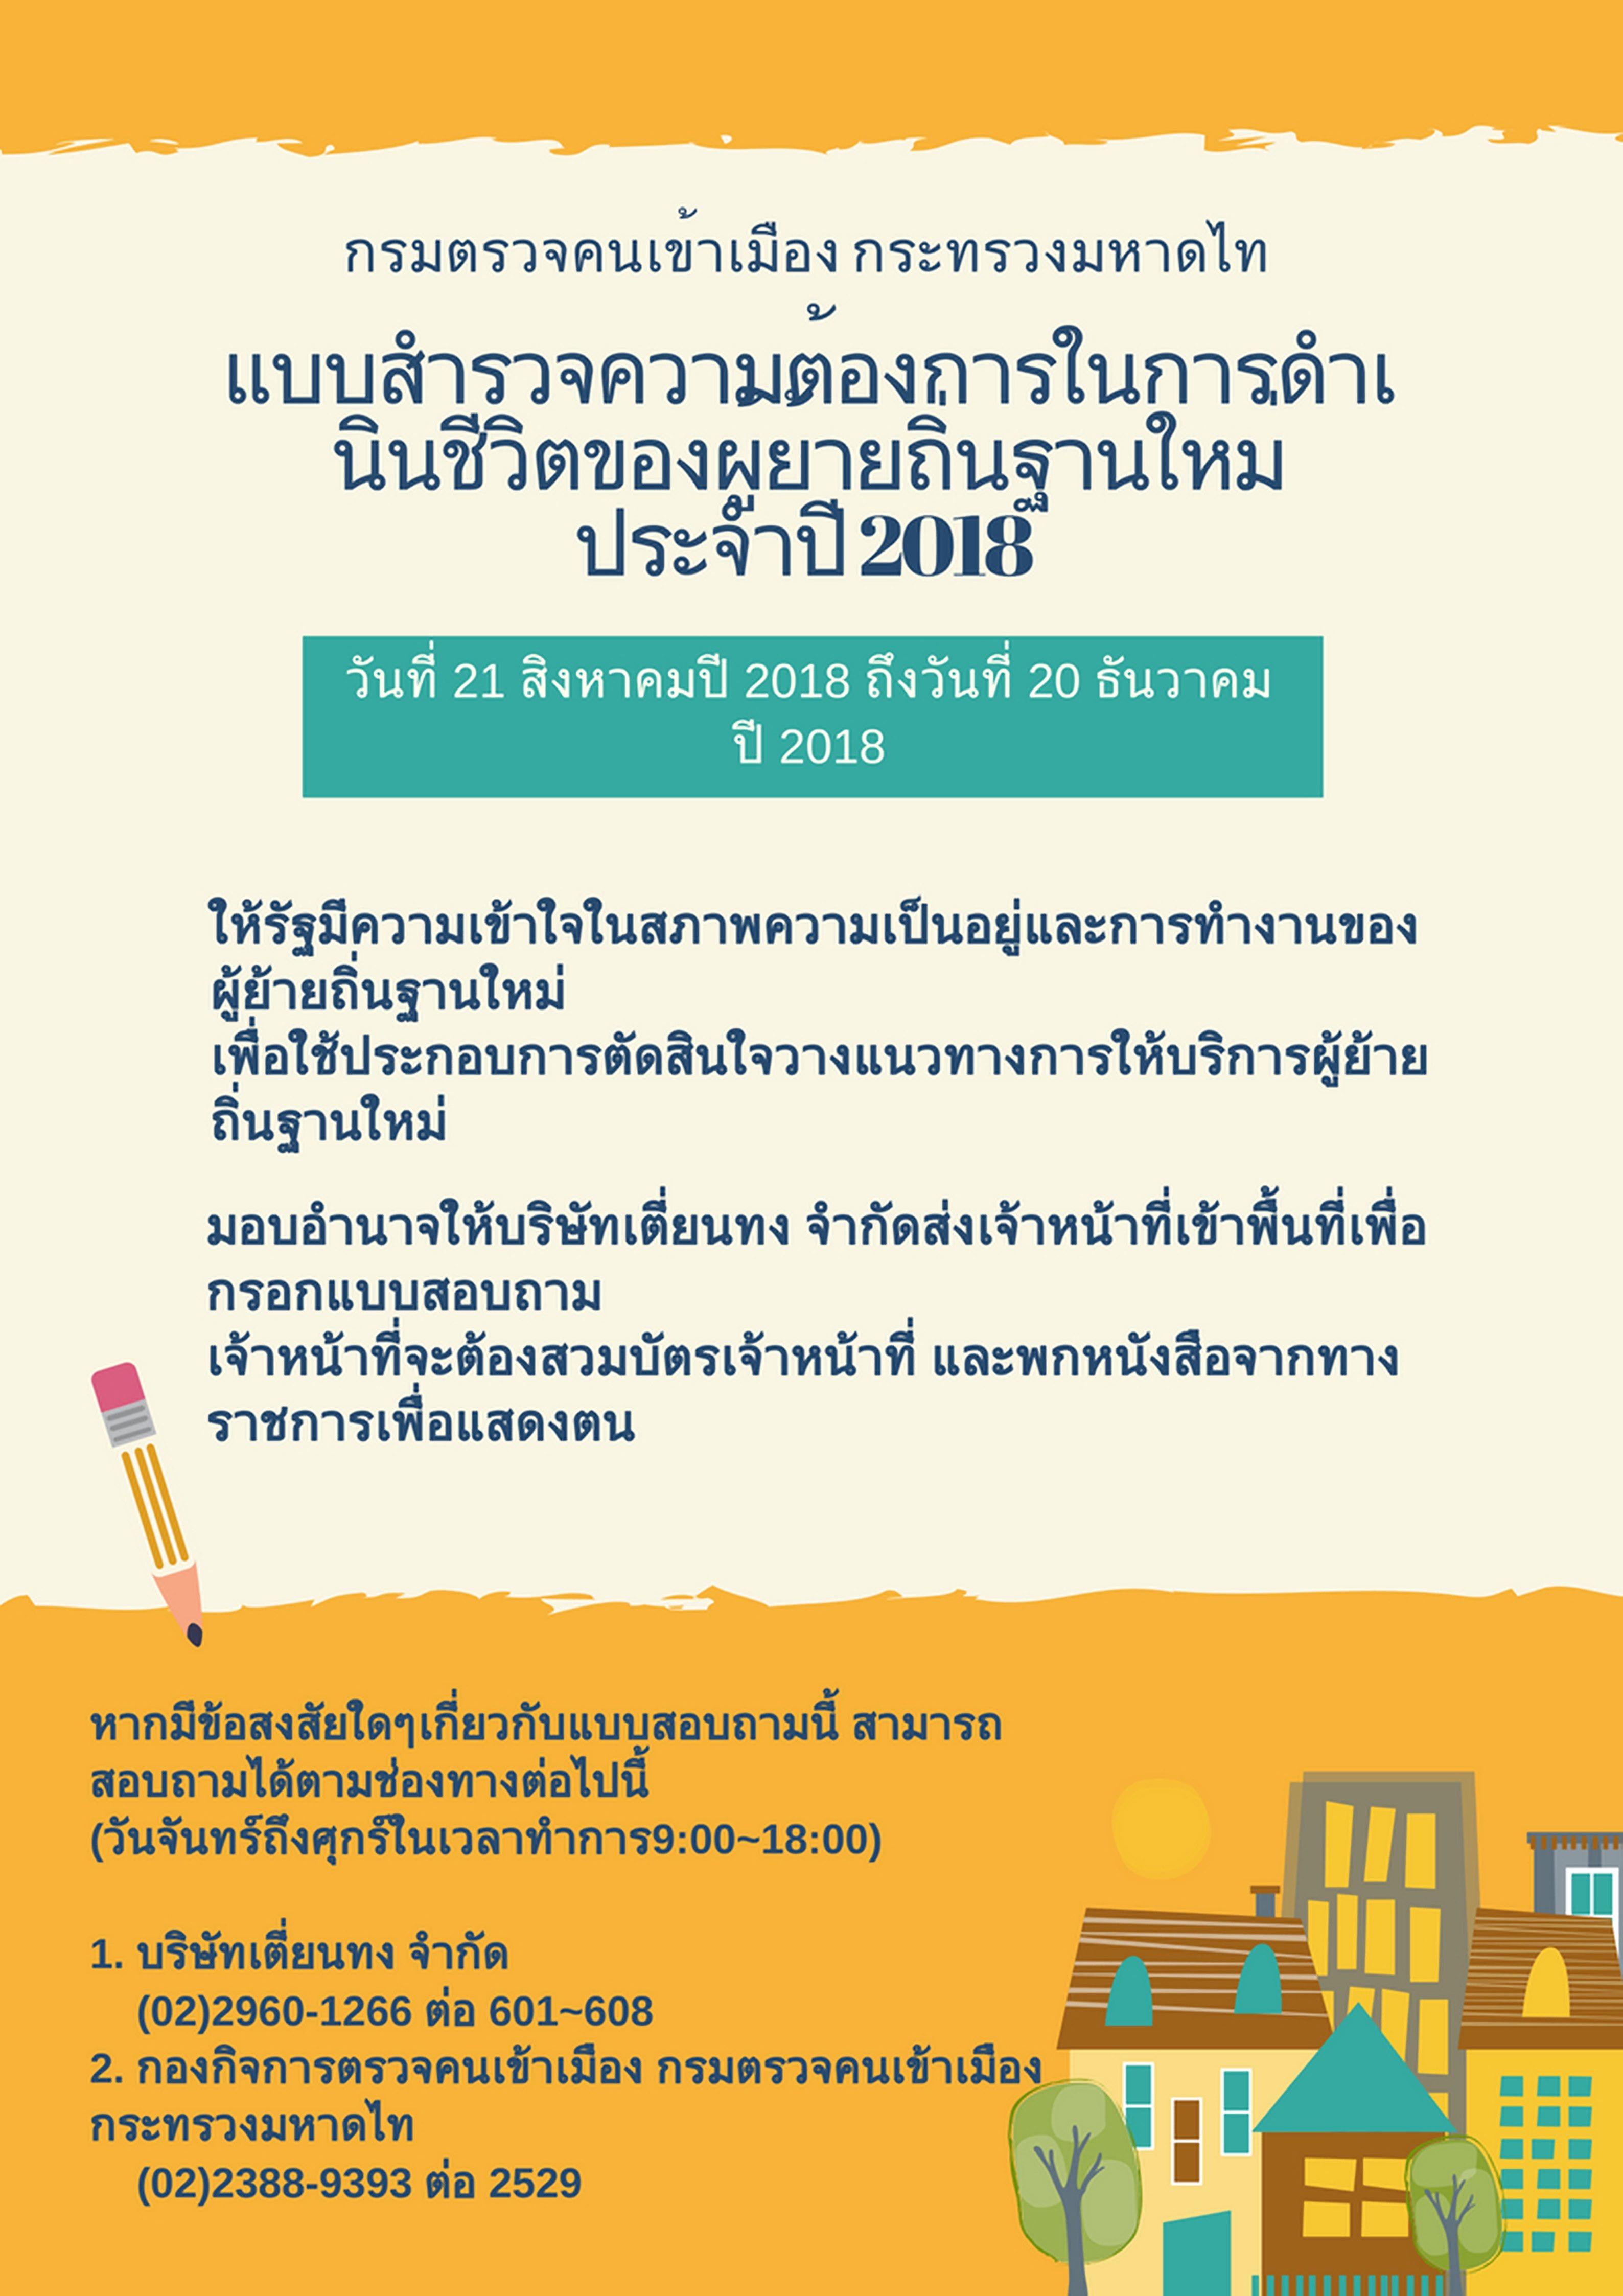 """กรมตรวจคนเข้าเมือง กระทรวงมหาดไทย ตั้งแต่ 21 สิงหาคม-20 ธันวาคม 2018 ดำเนิน""""การสำรวจความต้องการในชีวิตความเป็นอยู่ผู้พำนักใหม่ ปี2018""""ขอผู้พำนักใหม่ได้โปรดให้ความร่วมมือในการเข้าเยี่ยมสำรวจ"""